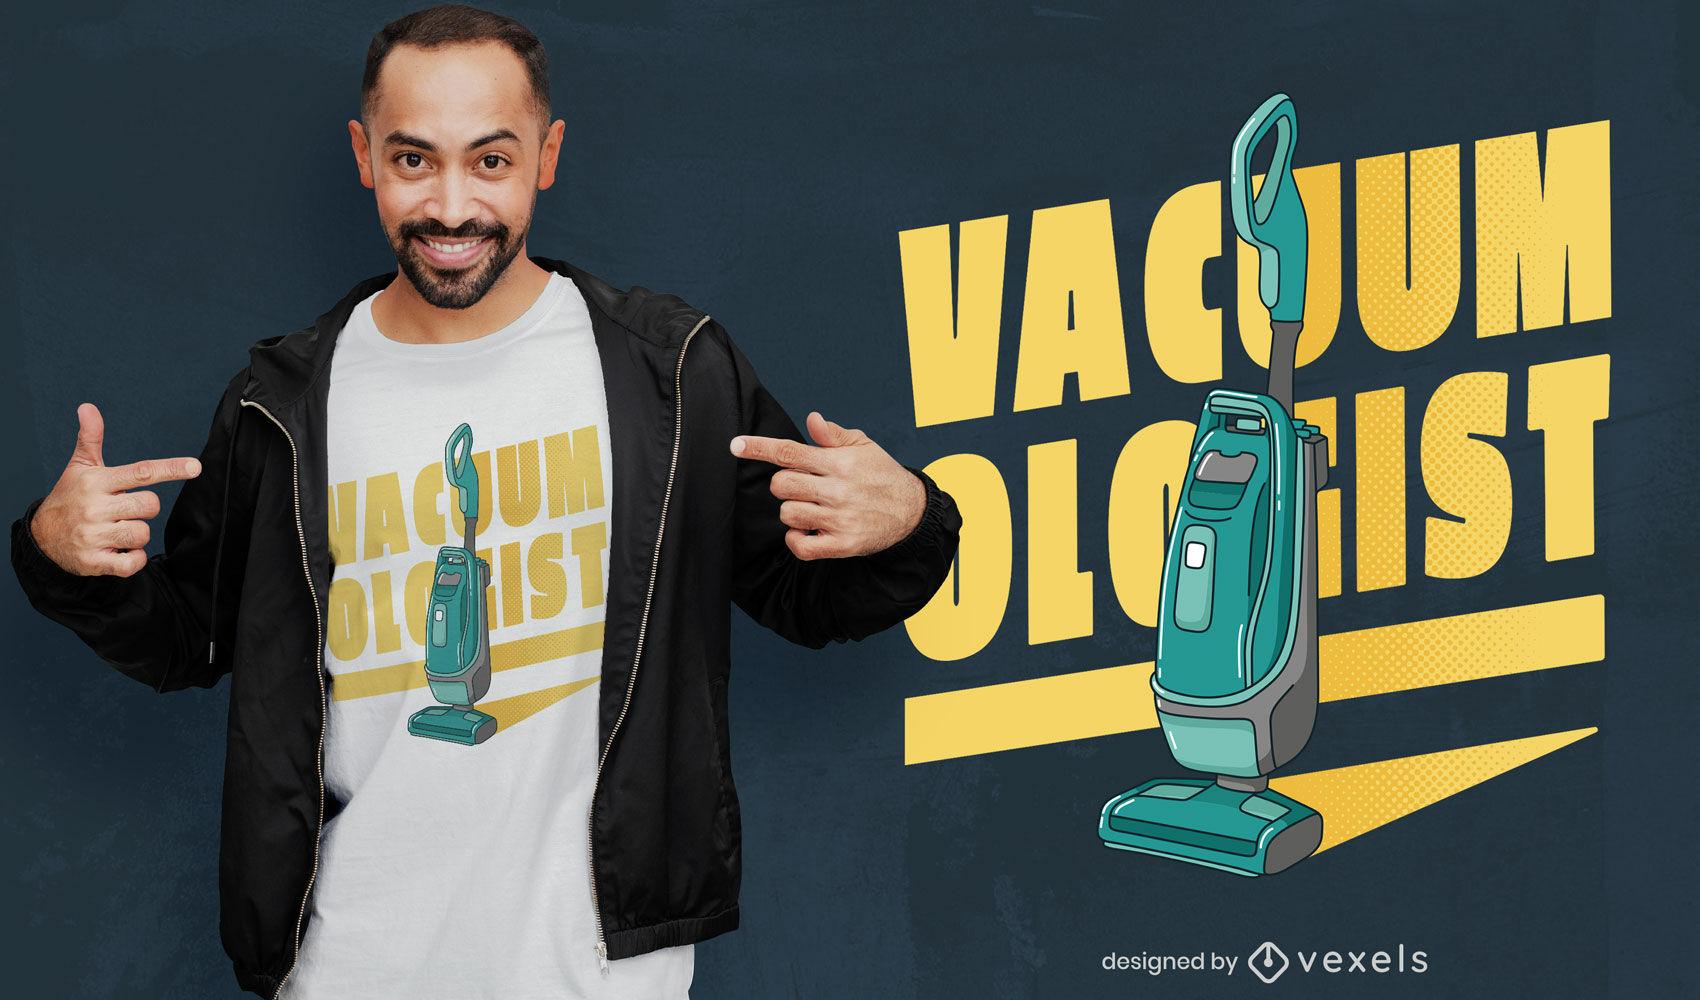 Funny vacuum t-shirt design